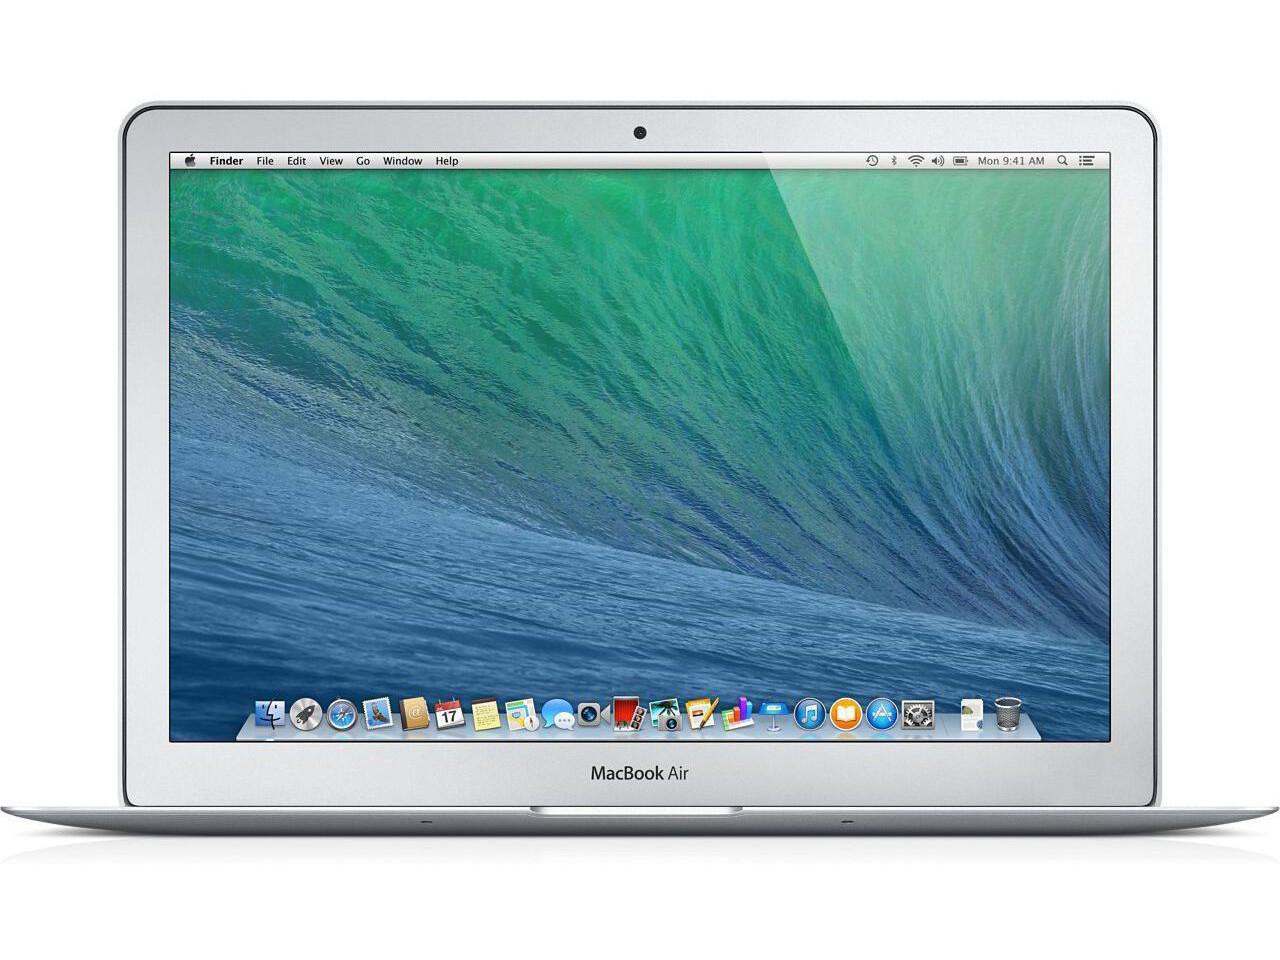 macbook air 13 inch 2013 silver